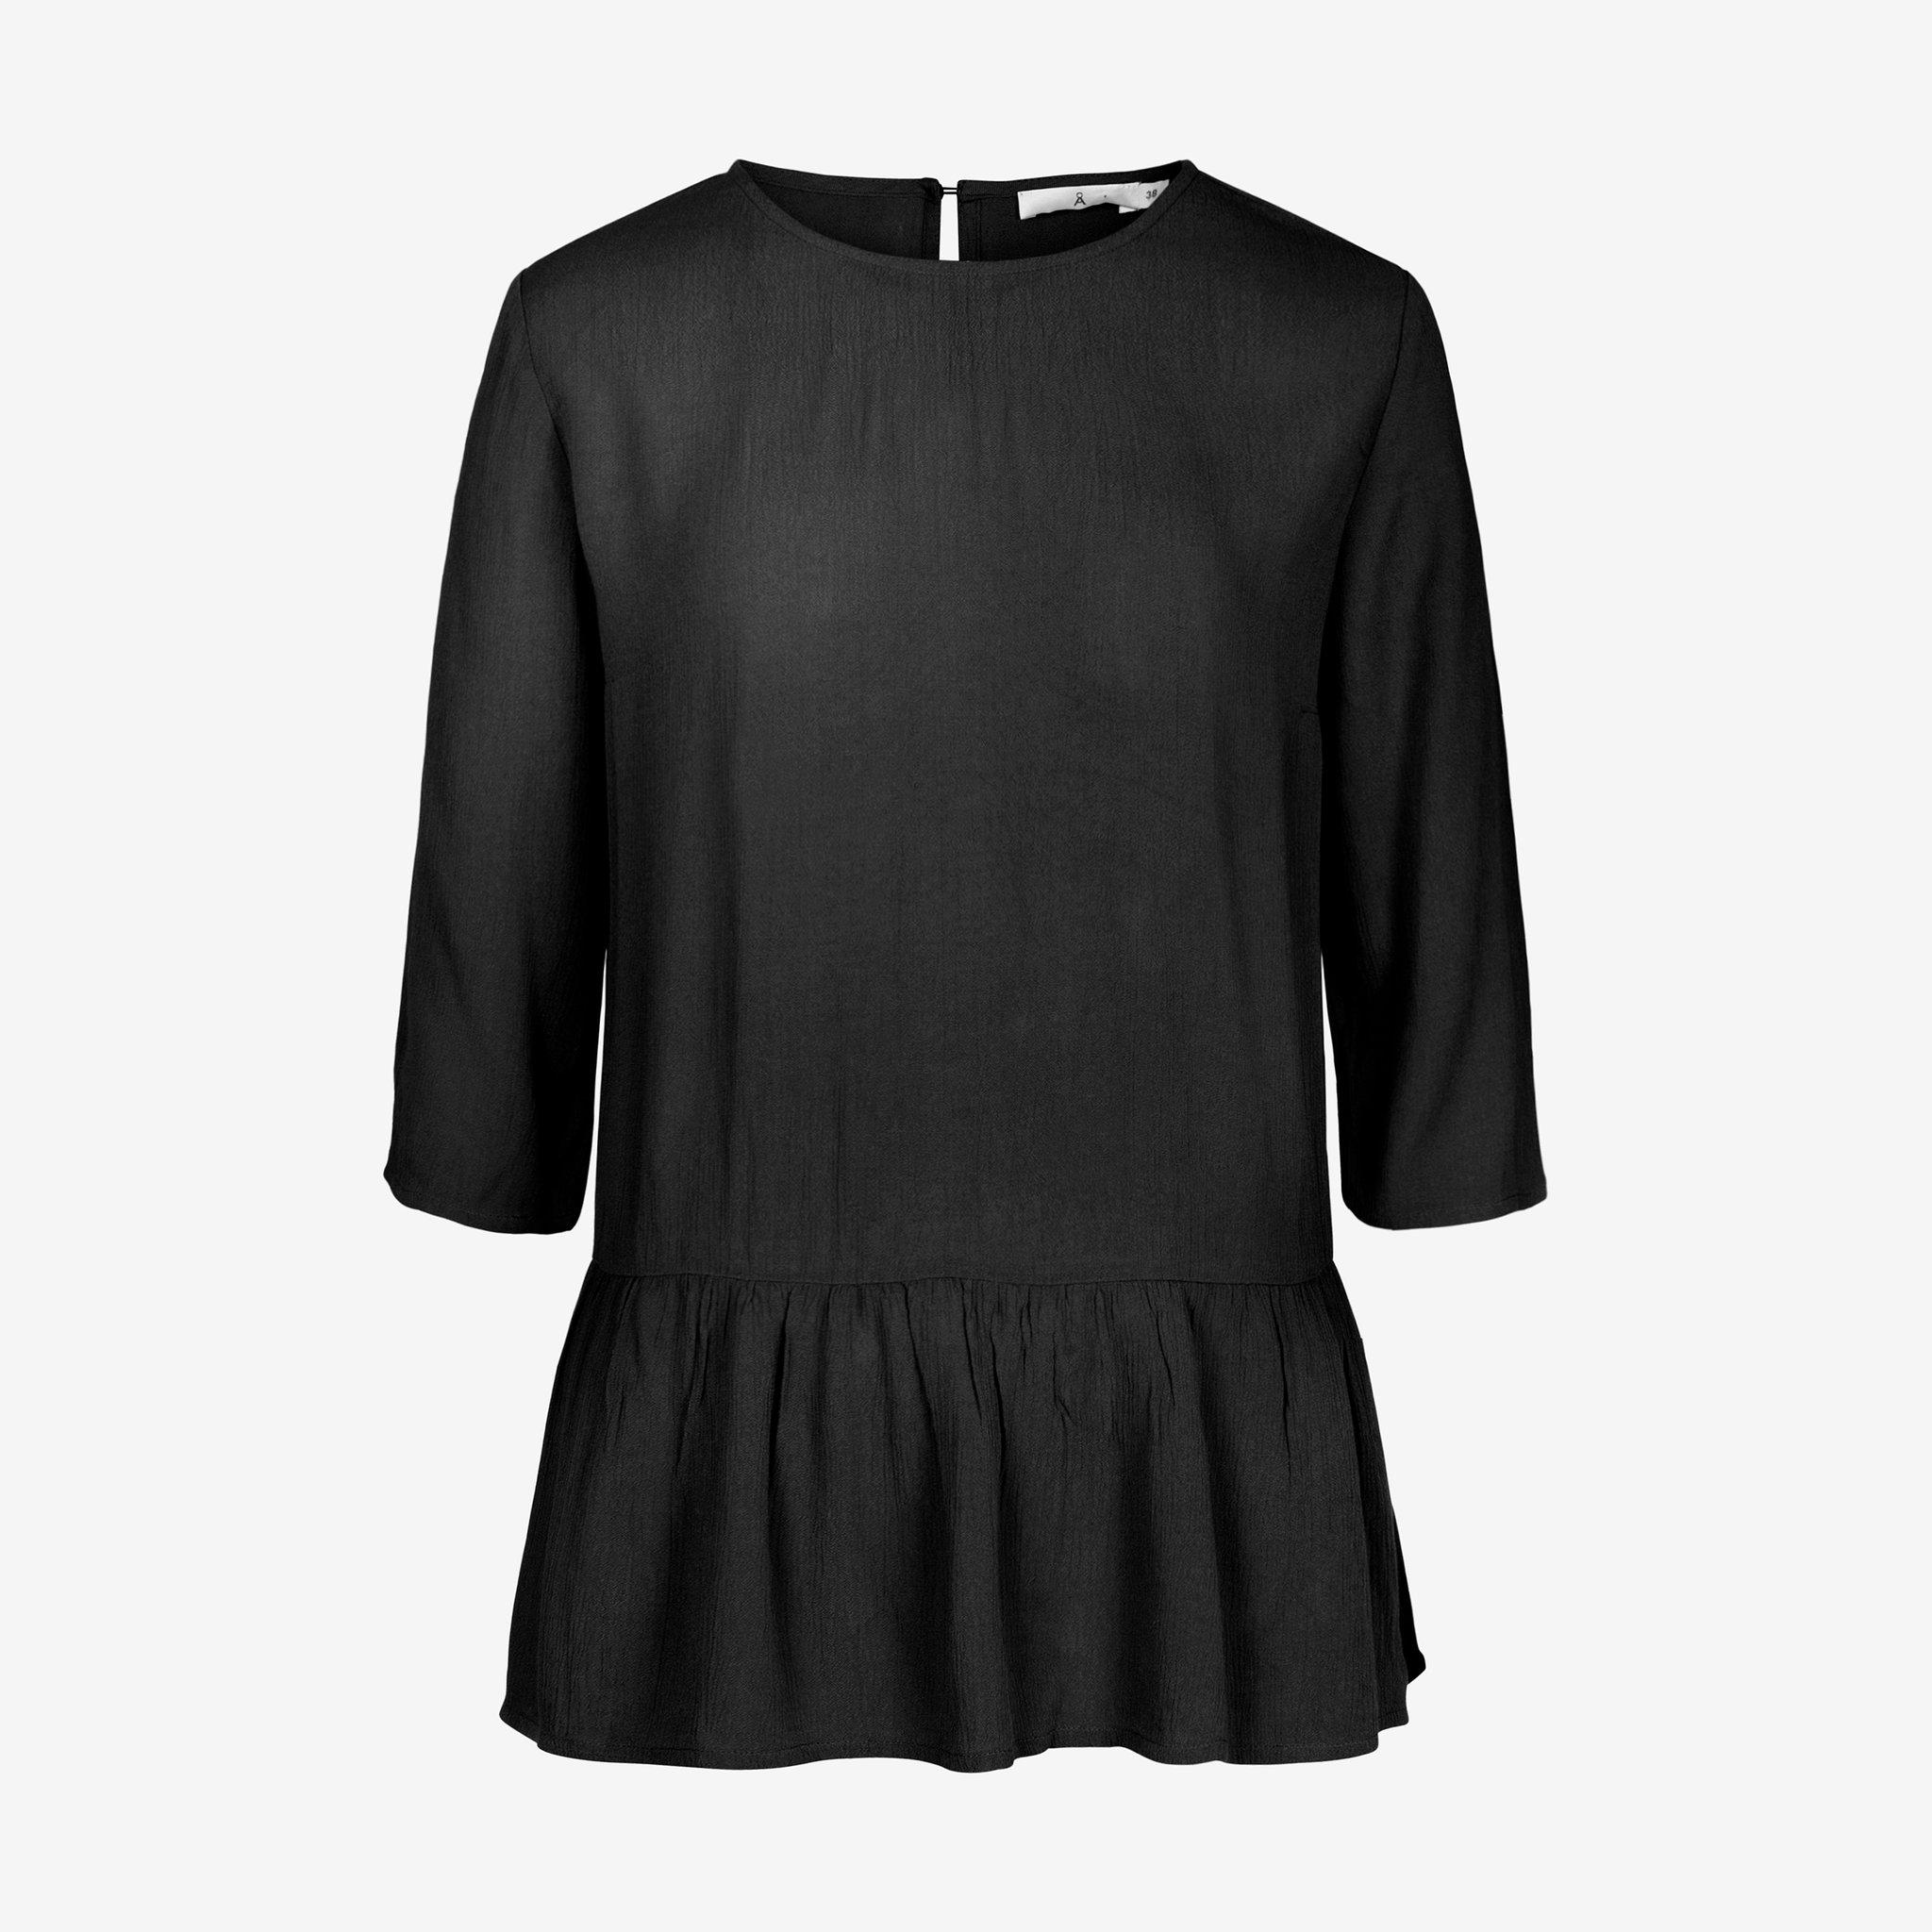 Blus med volang - Blusar   skjortor - Köp online på åhlens.se! 6f7fc41db1089